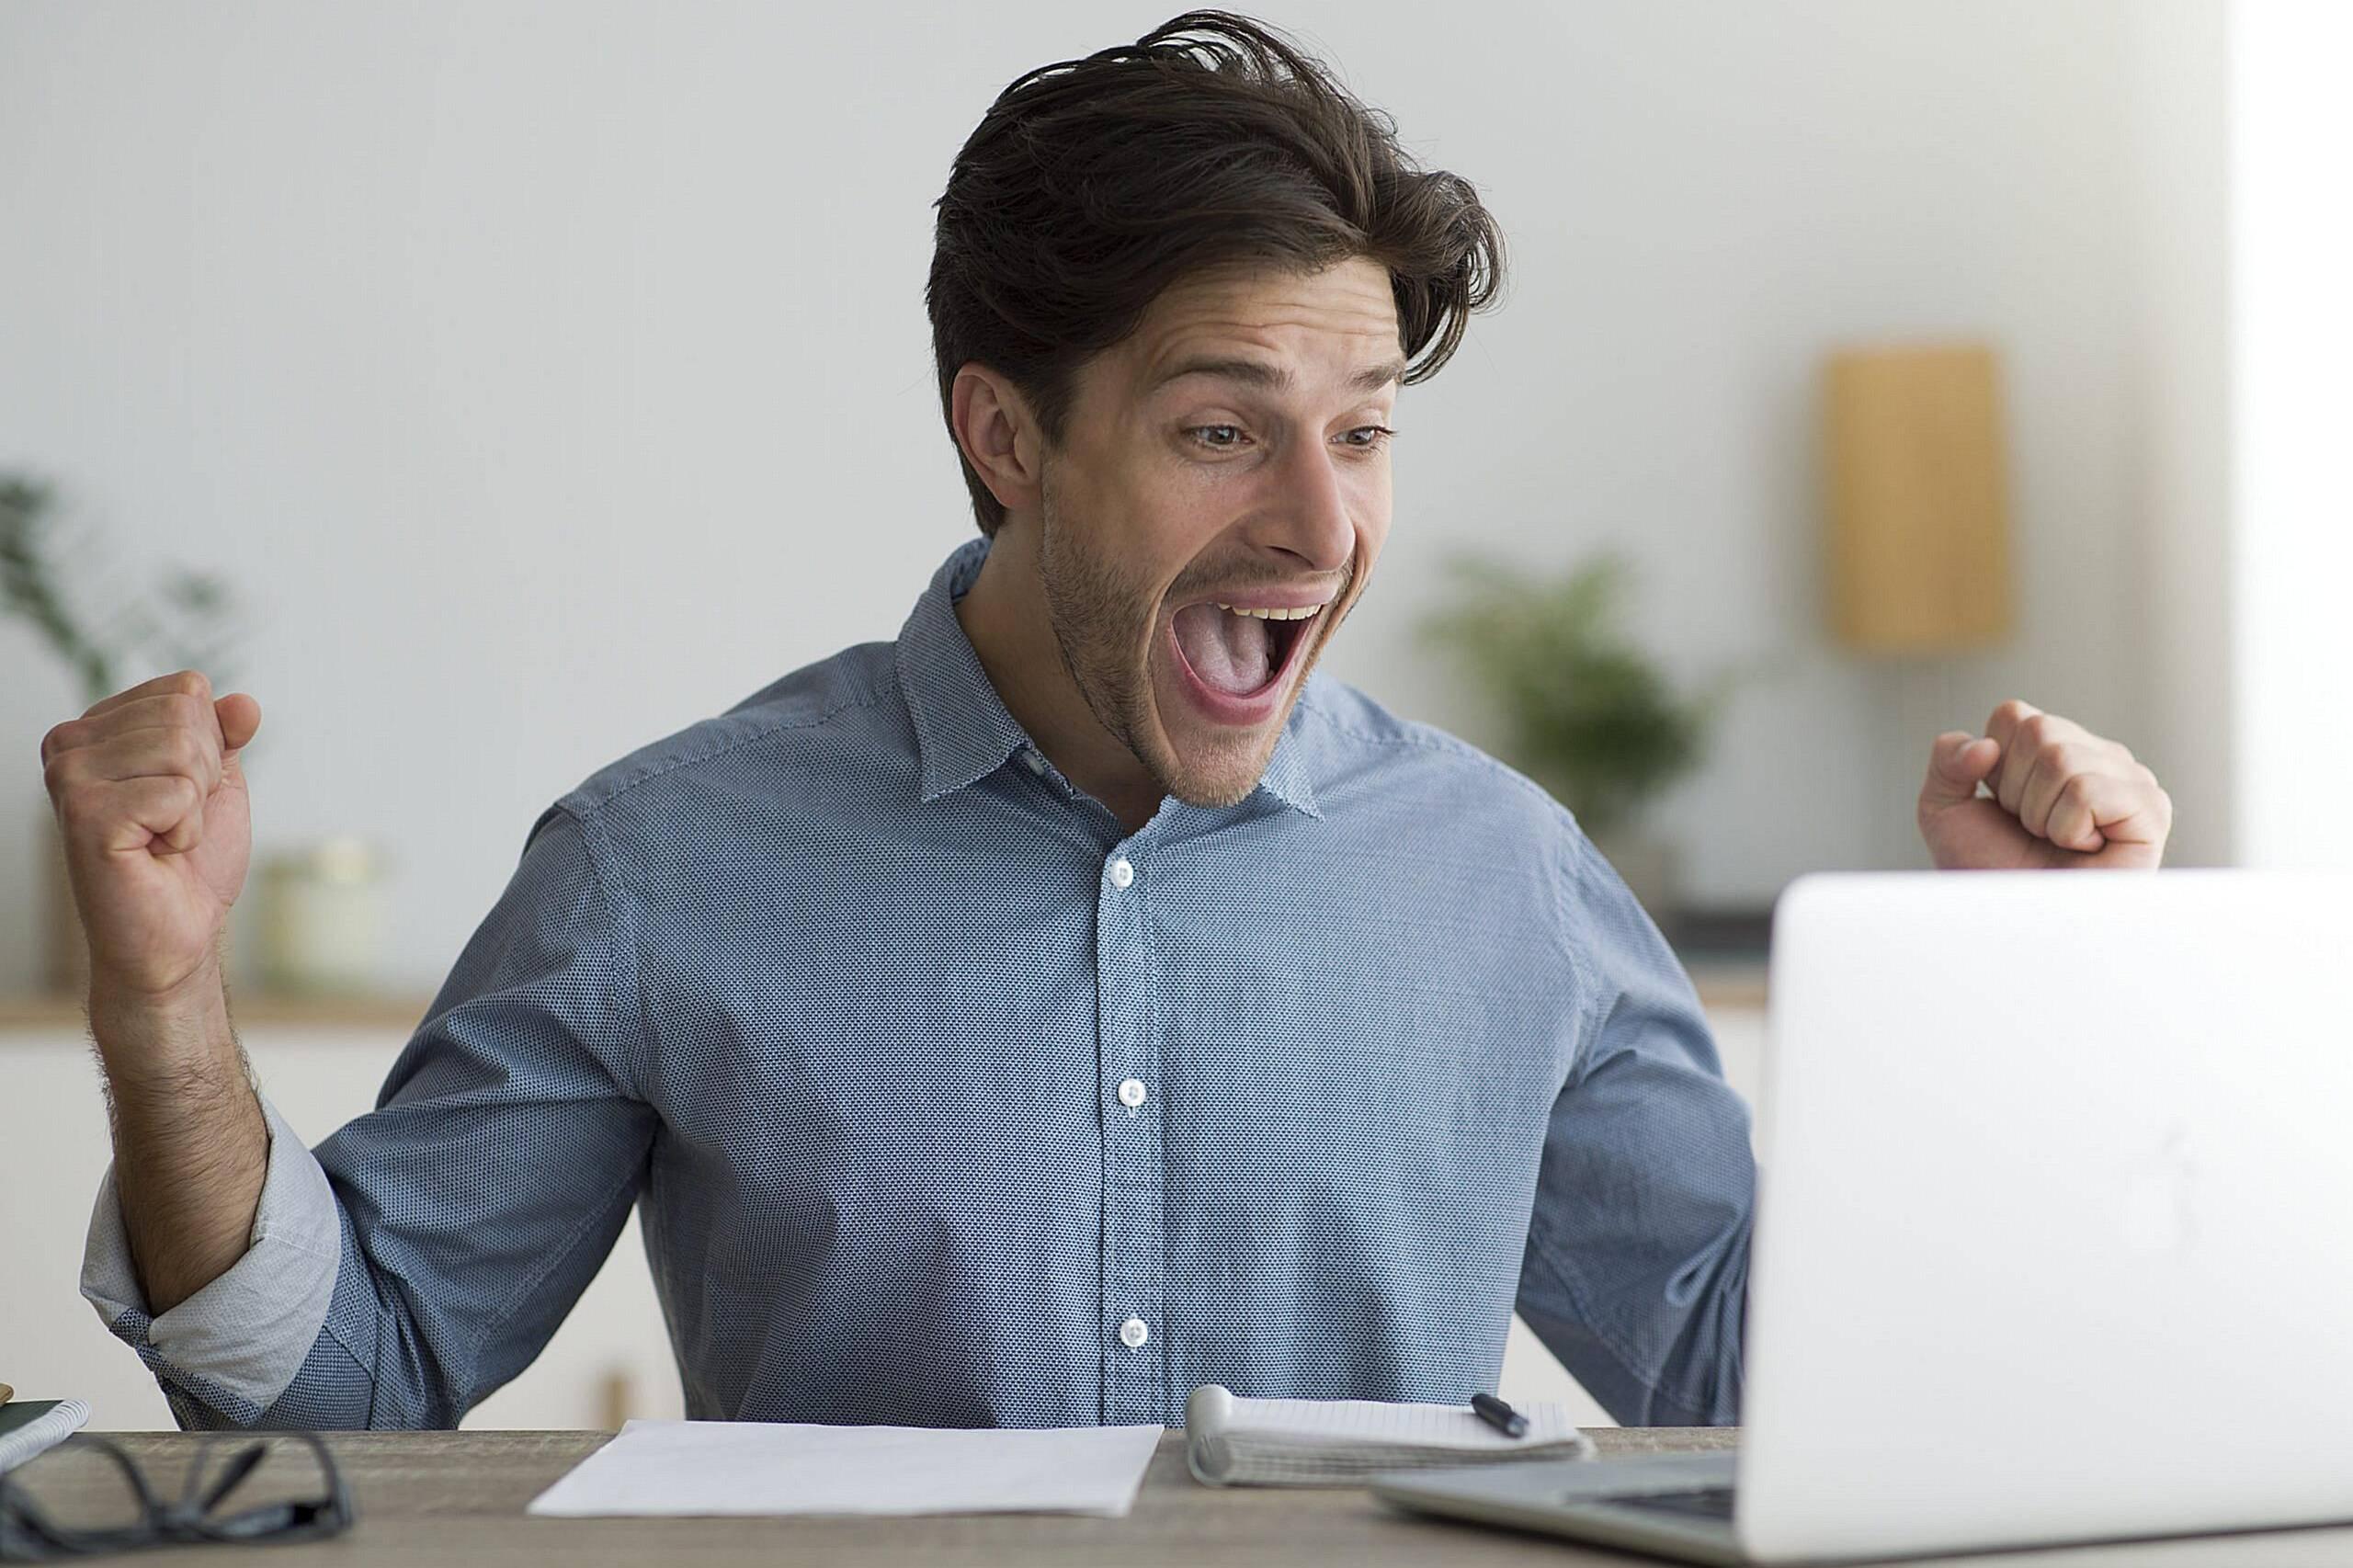 Hombre festejando alegre delante de una computadora